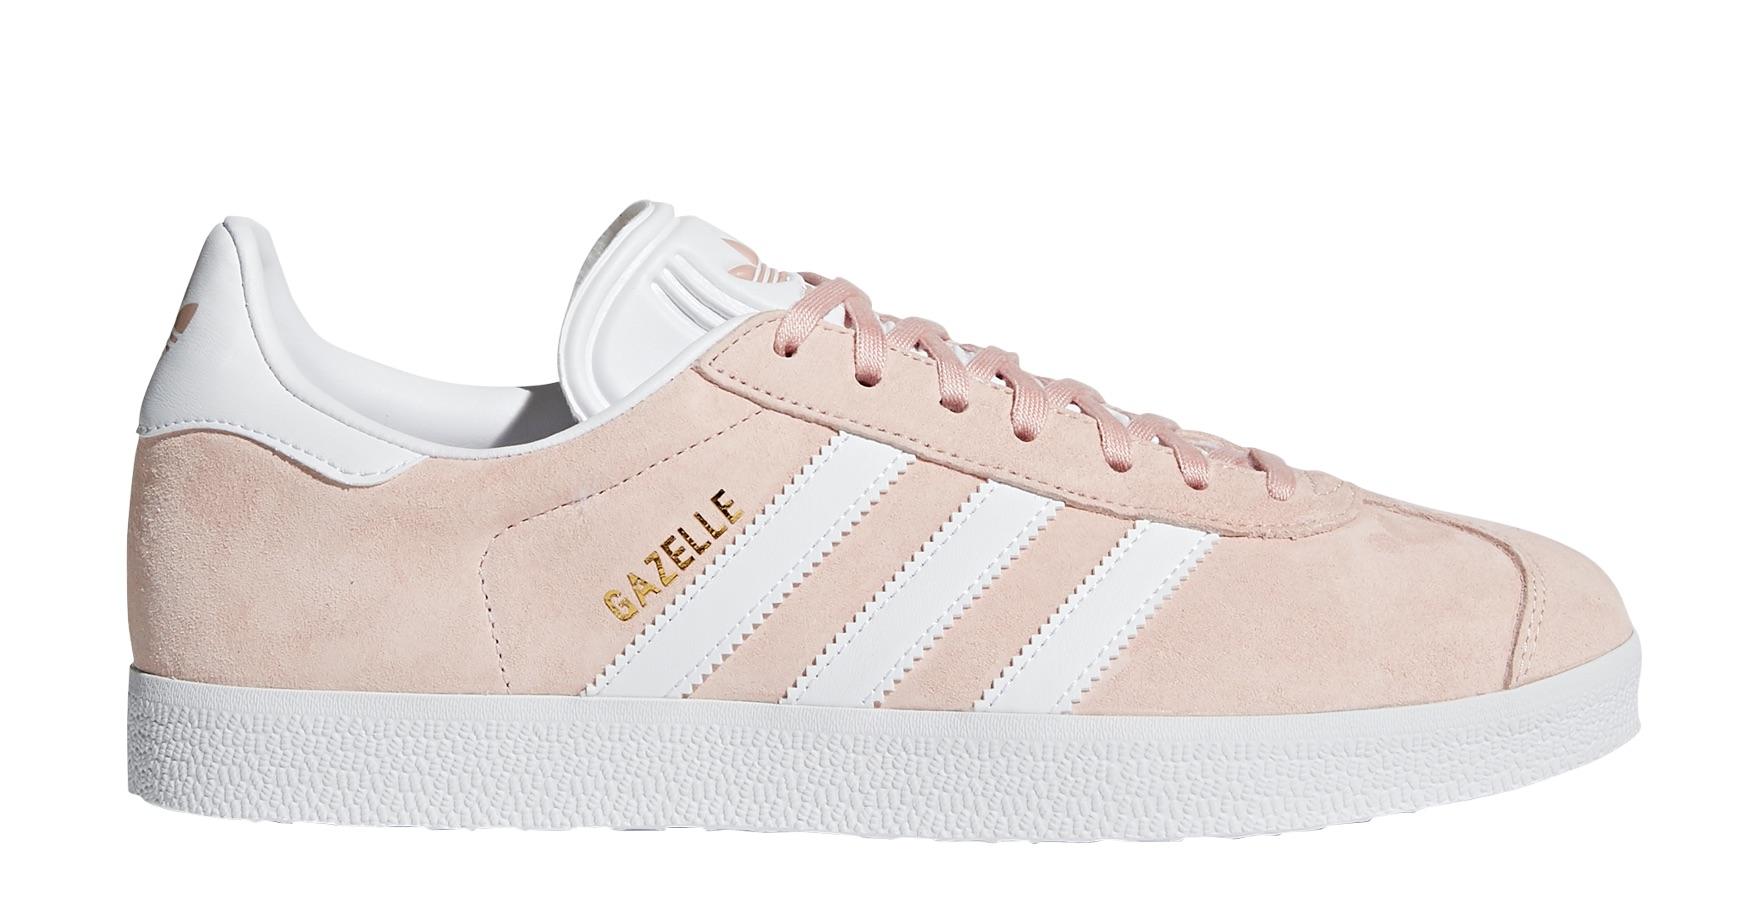 size 40 c7d93 e3fb6 Mens Shoes Gazelle colore Pink White - Adidas Originals - SportIT.com